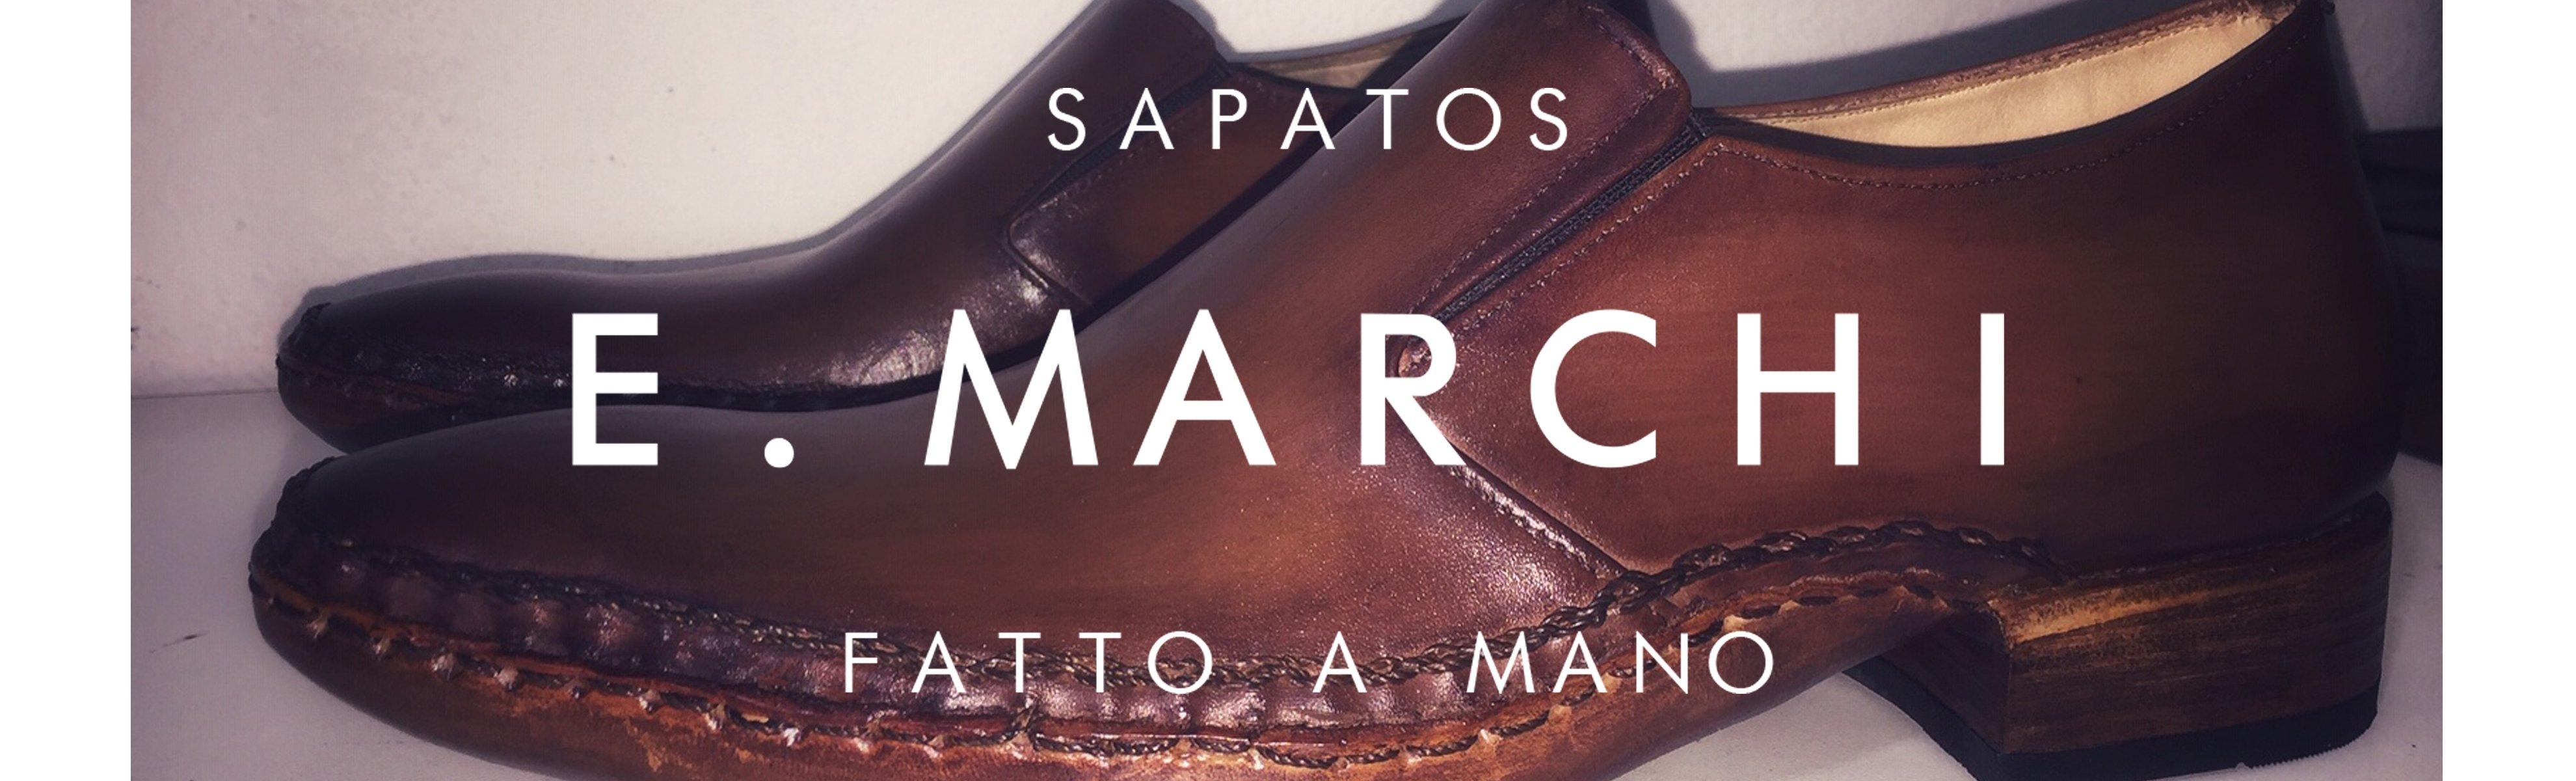 Loafer Ataliba feito à mão Sapatos E. Marchi